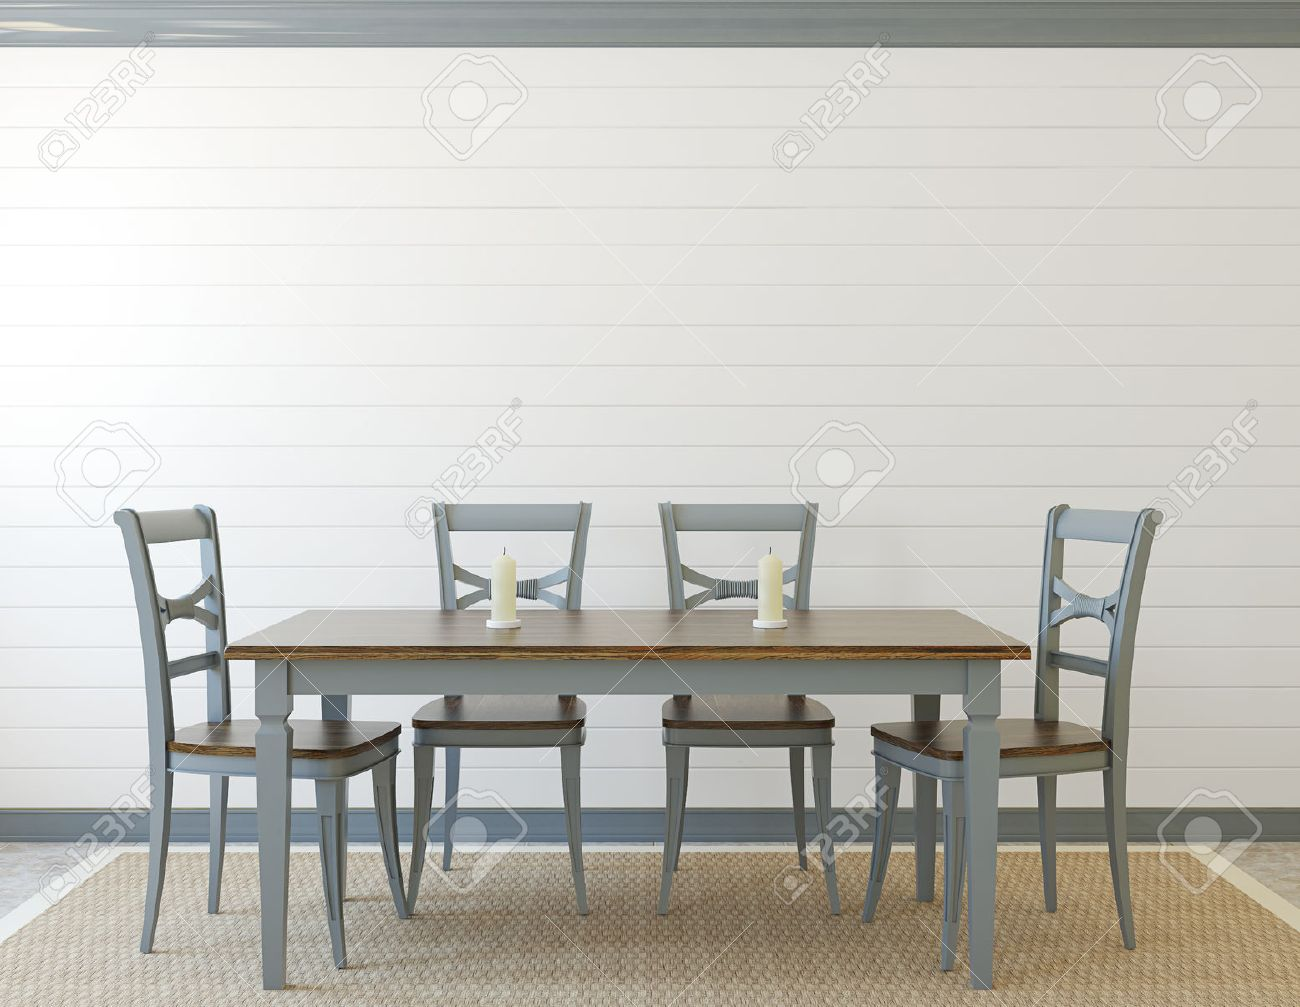 Dining-room interior. Provence. 3d render. - 45647689